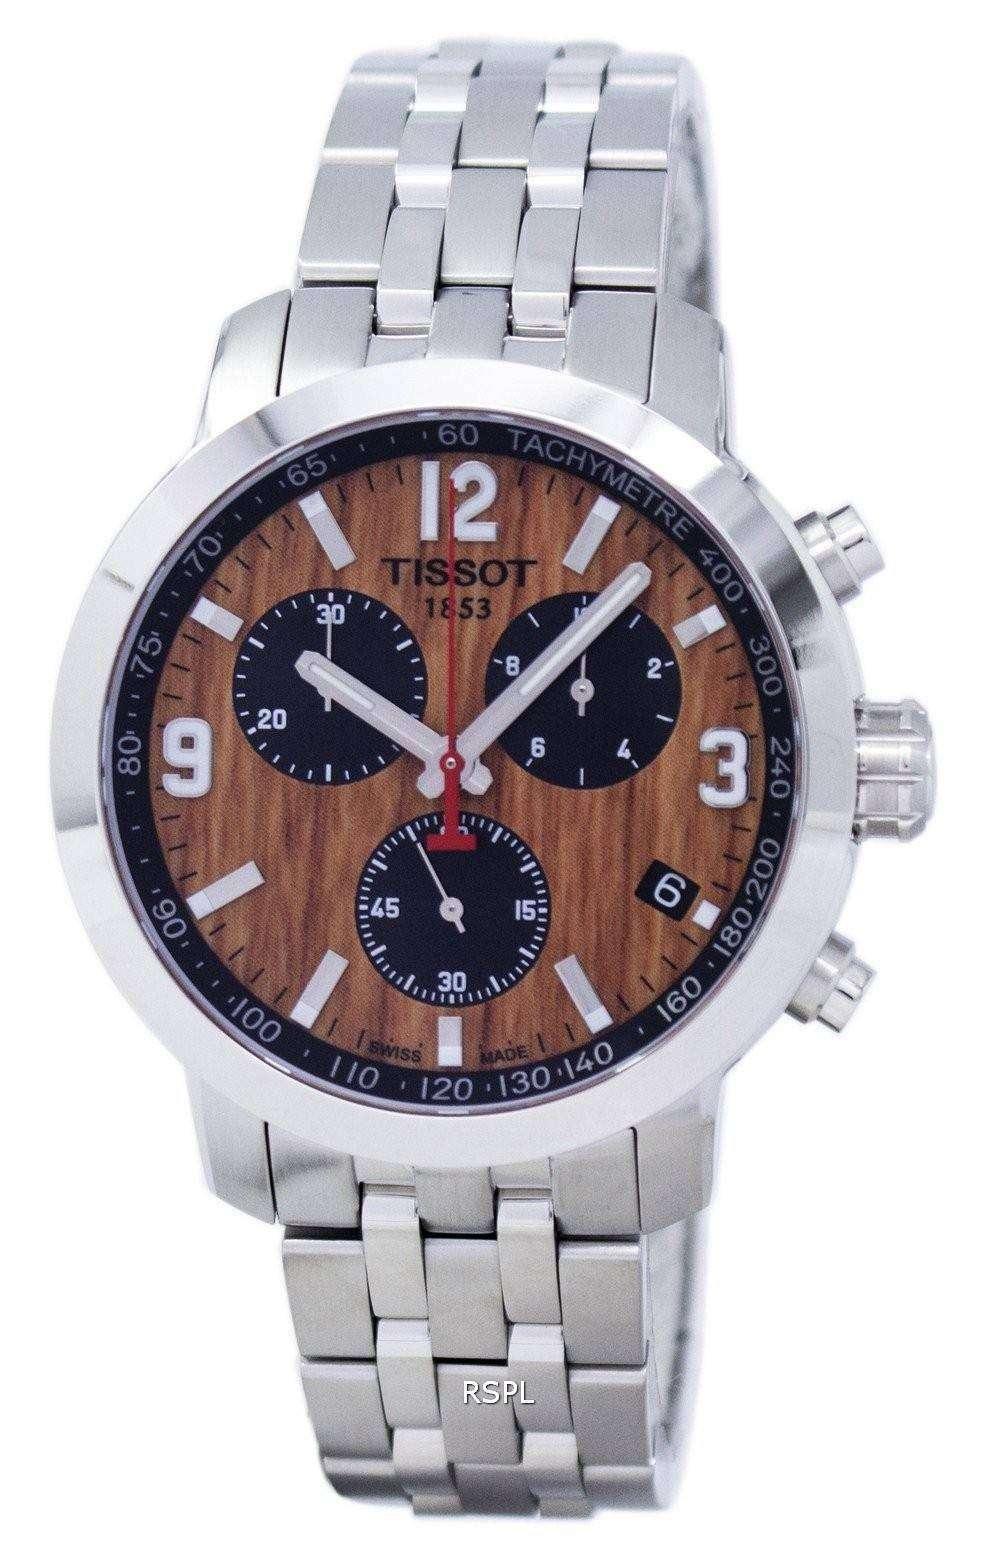 ティソ T-スポーツ PRC 200 バスケット ボール クロノグラフ T055.417.11.297.01 T0554171129701 メンズ腕時計